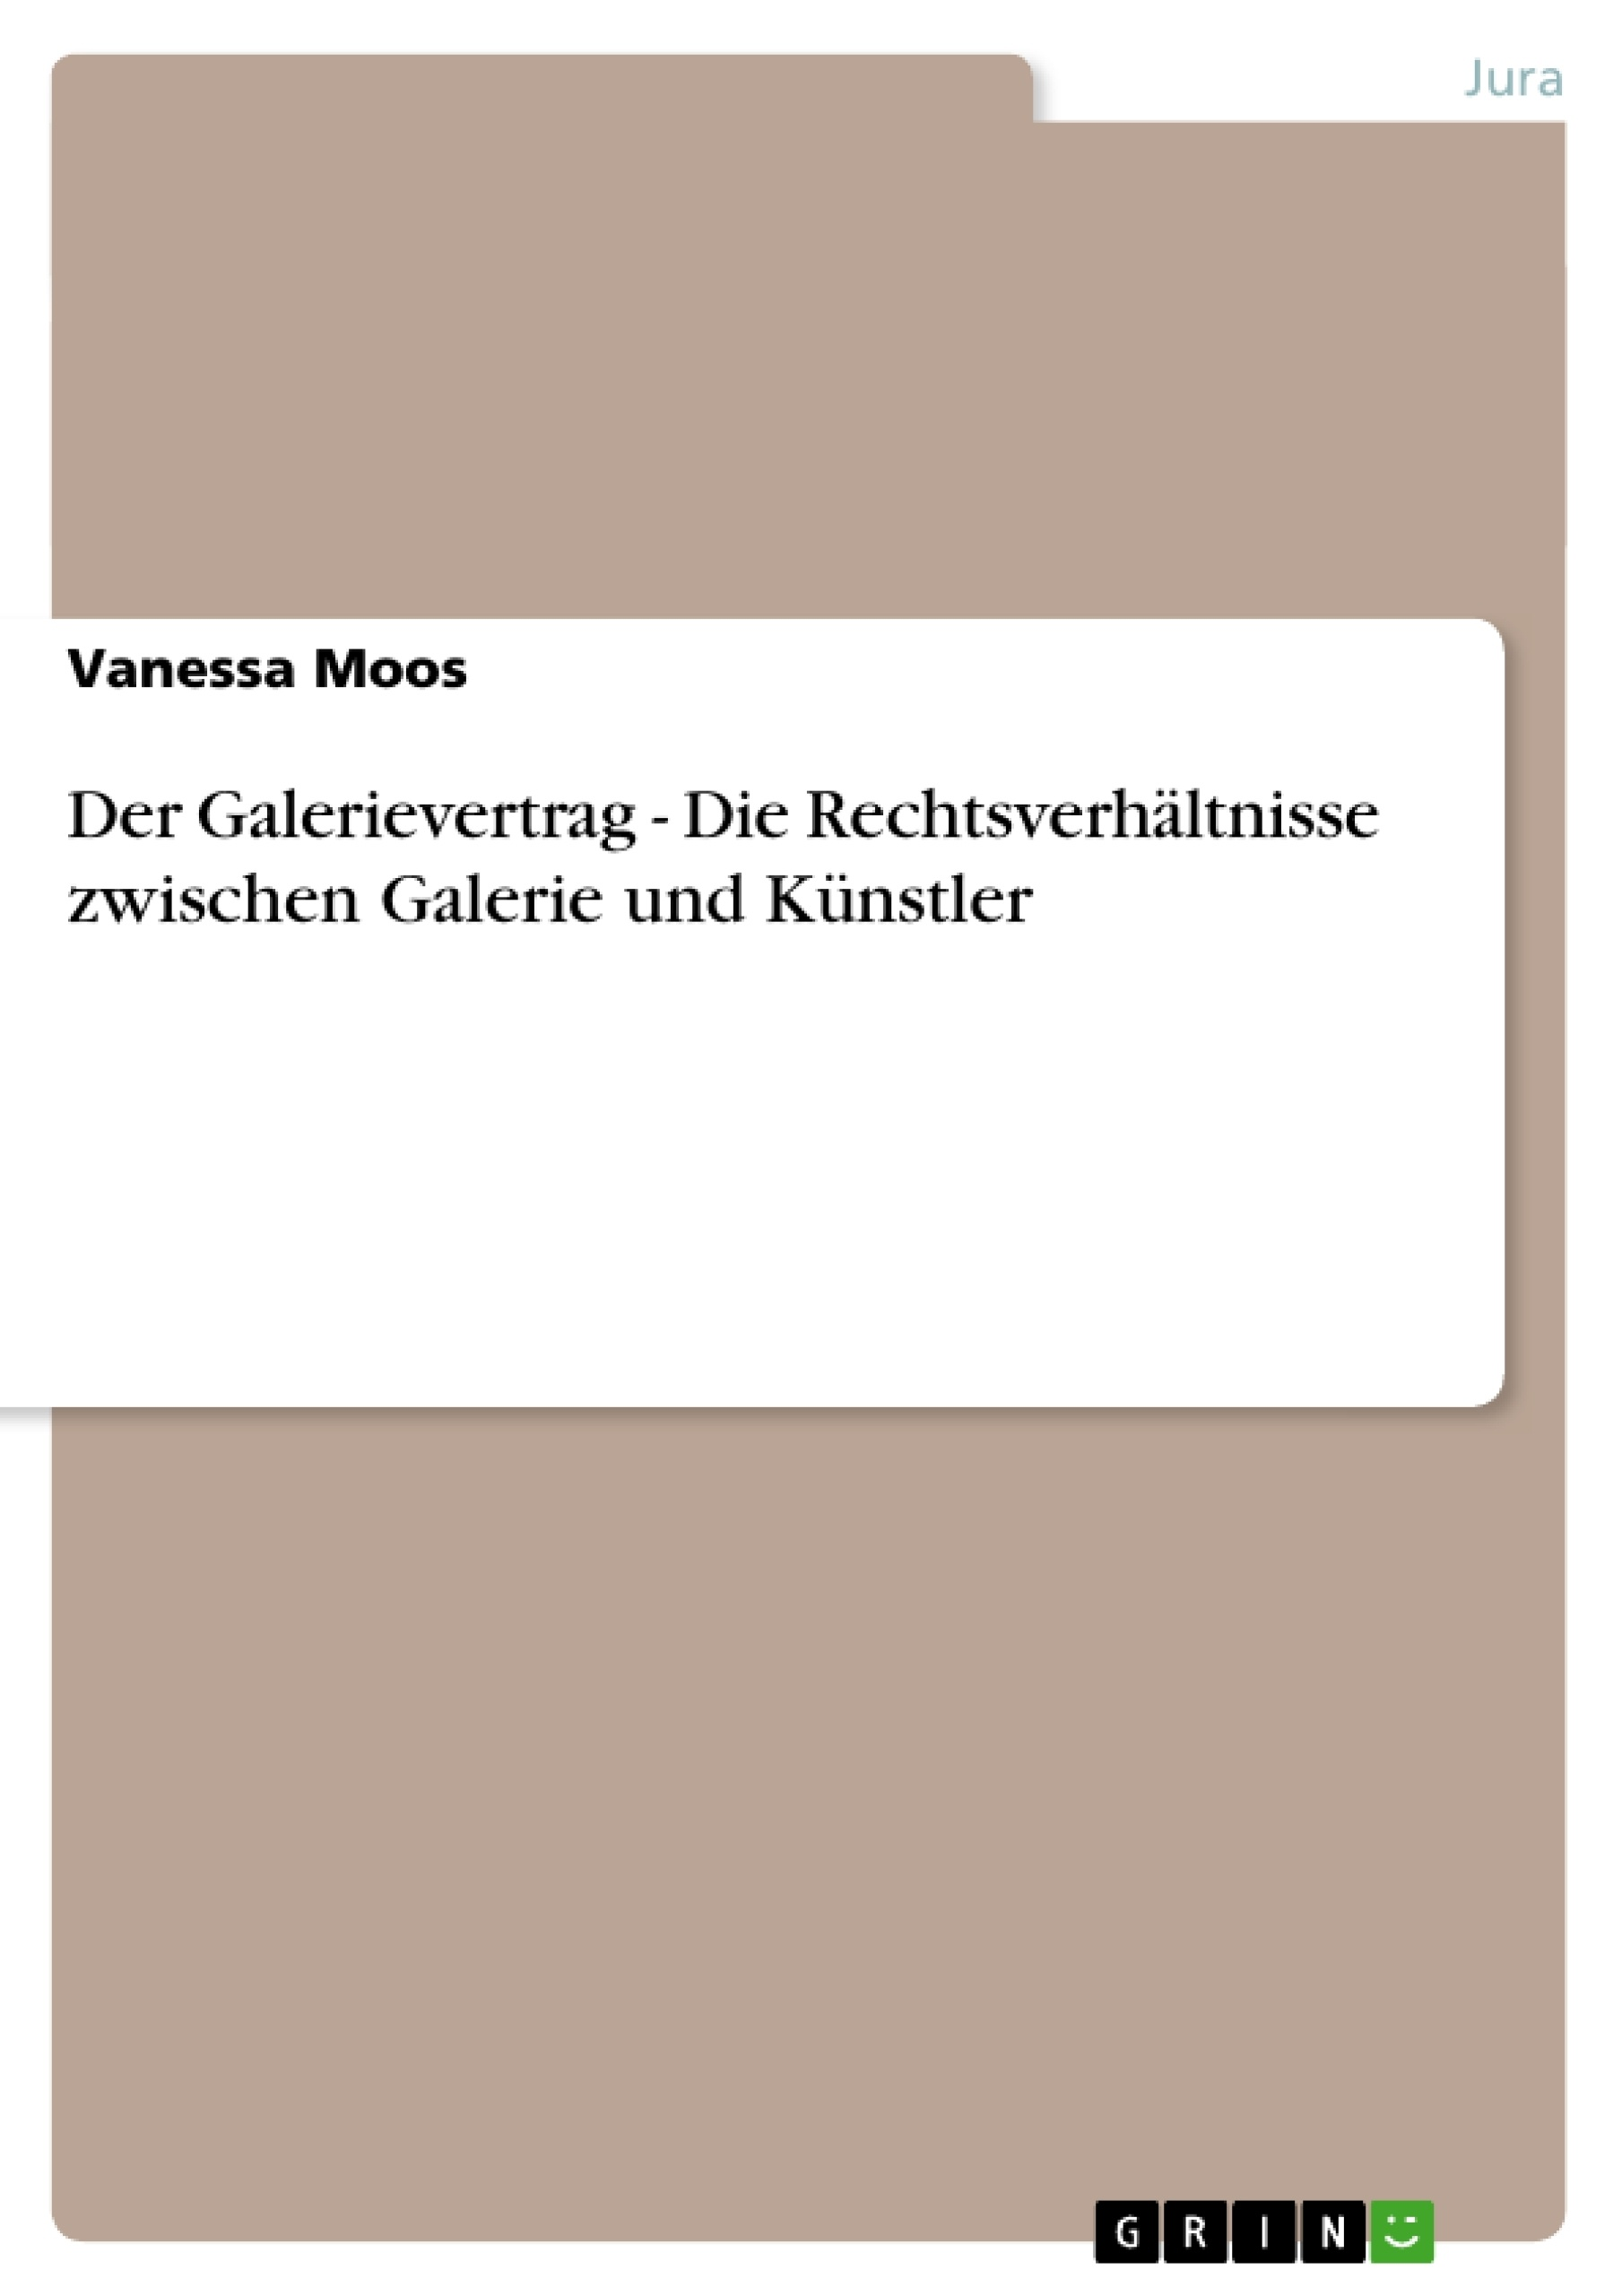 Der Galerievertrag - Die Rechtsverhältnisse zwischen Galerie und ...